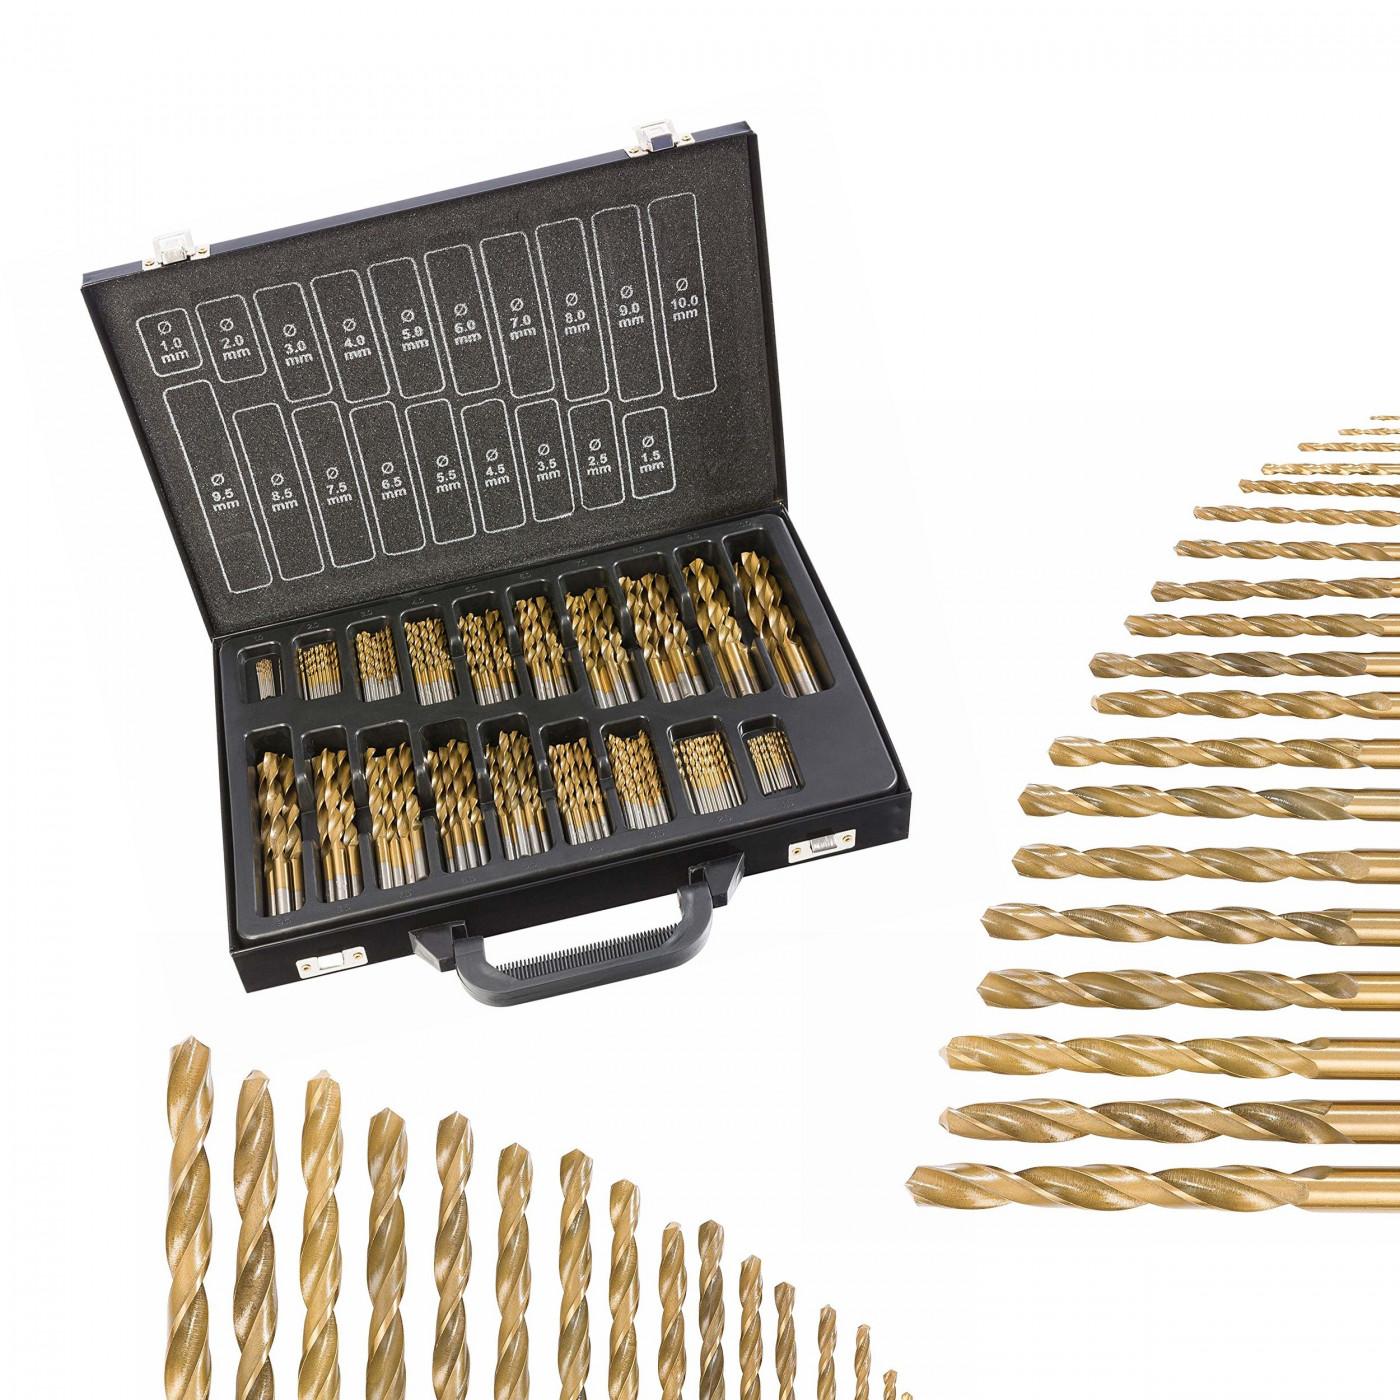 Set met 101 boren in koffer  - 1